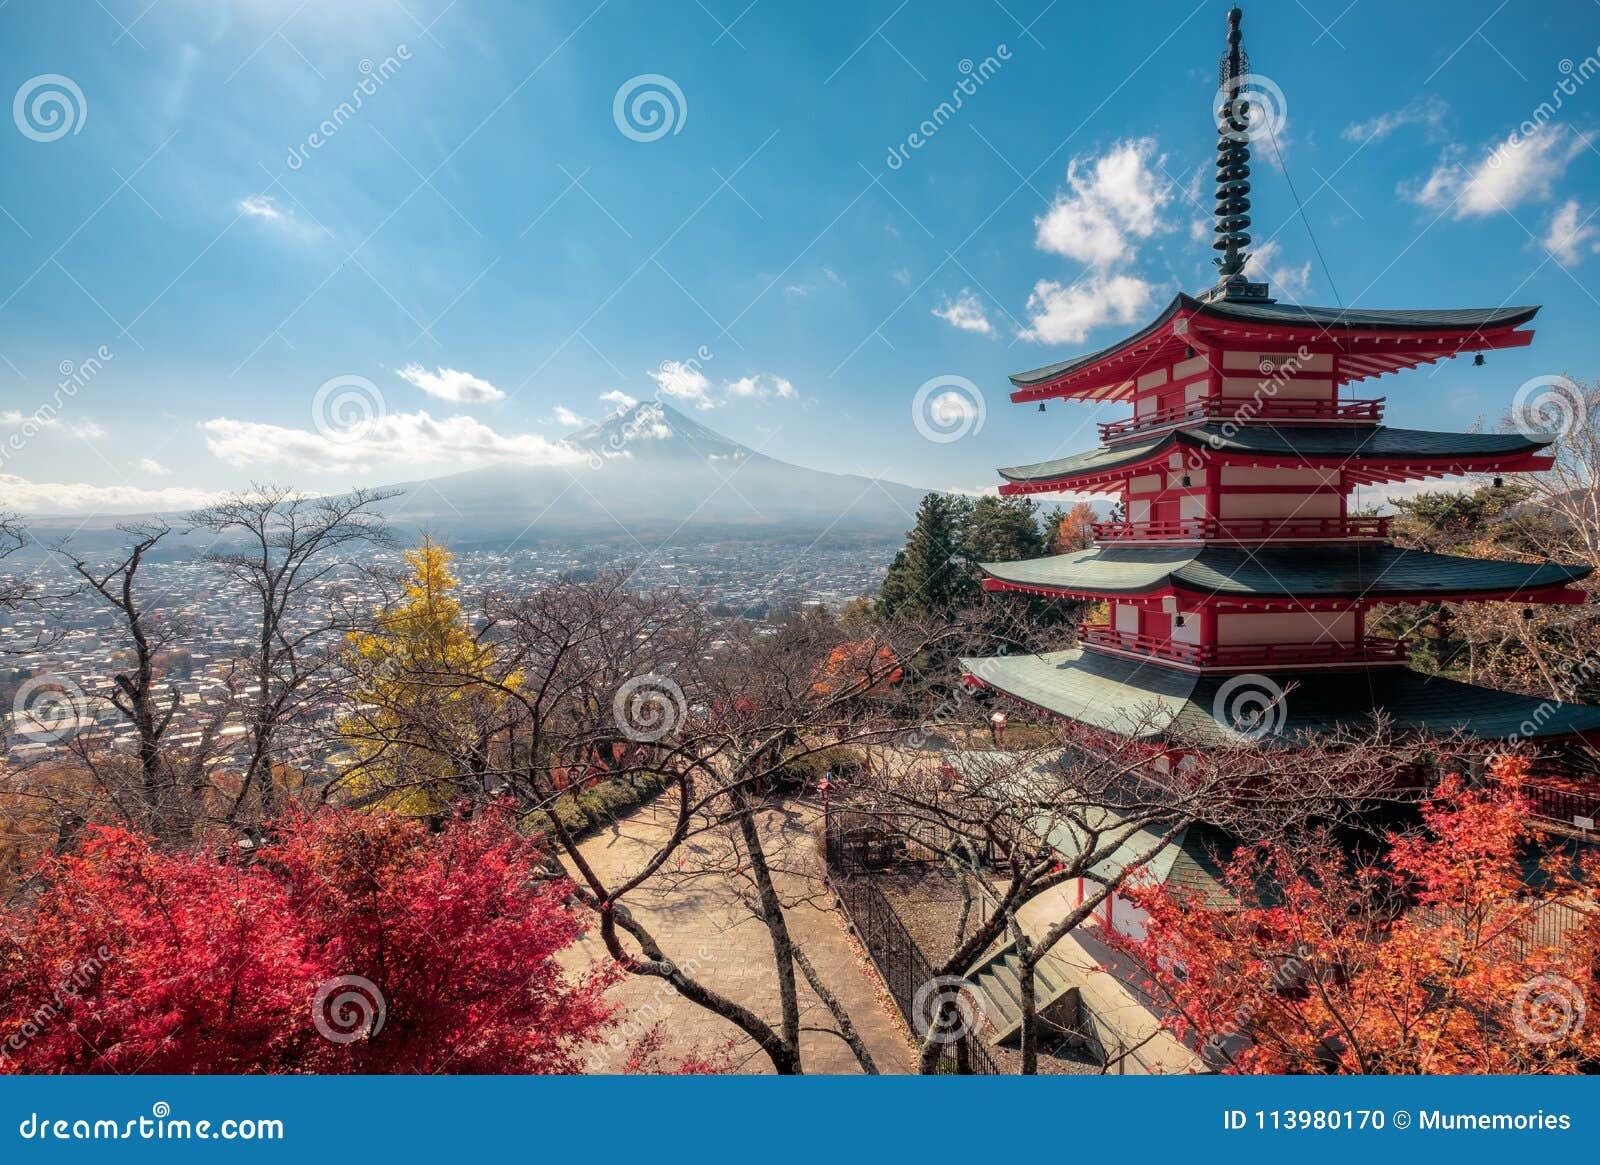 Ansicht vom Fujisan mit Chureito-Pagode im Herbstgarten